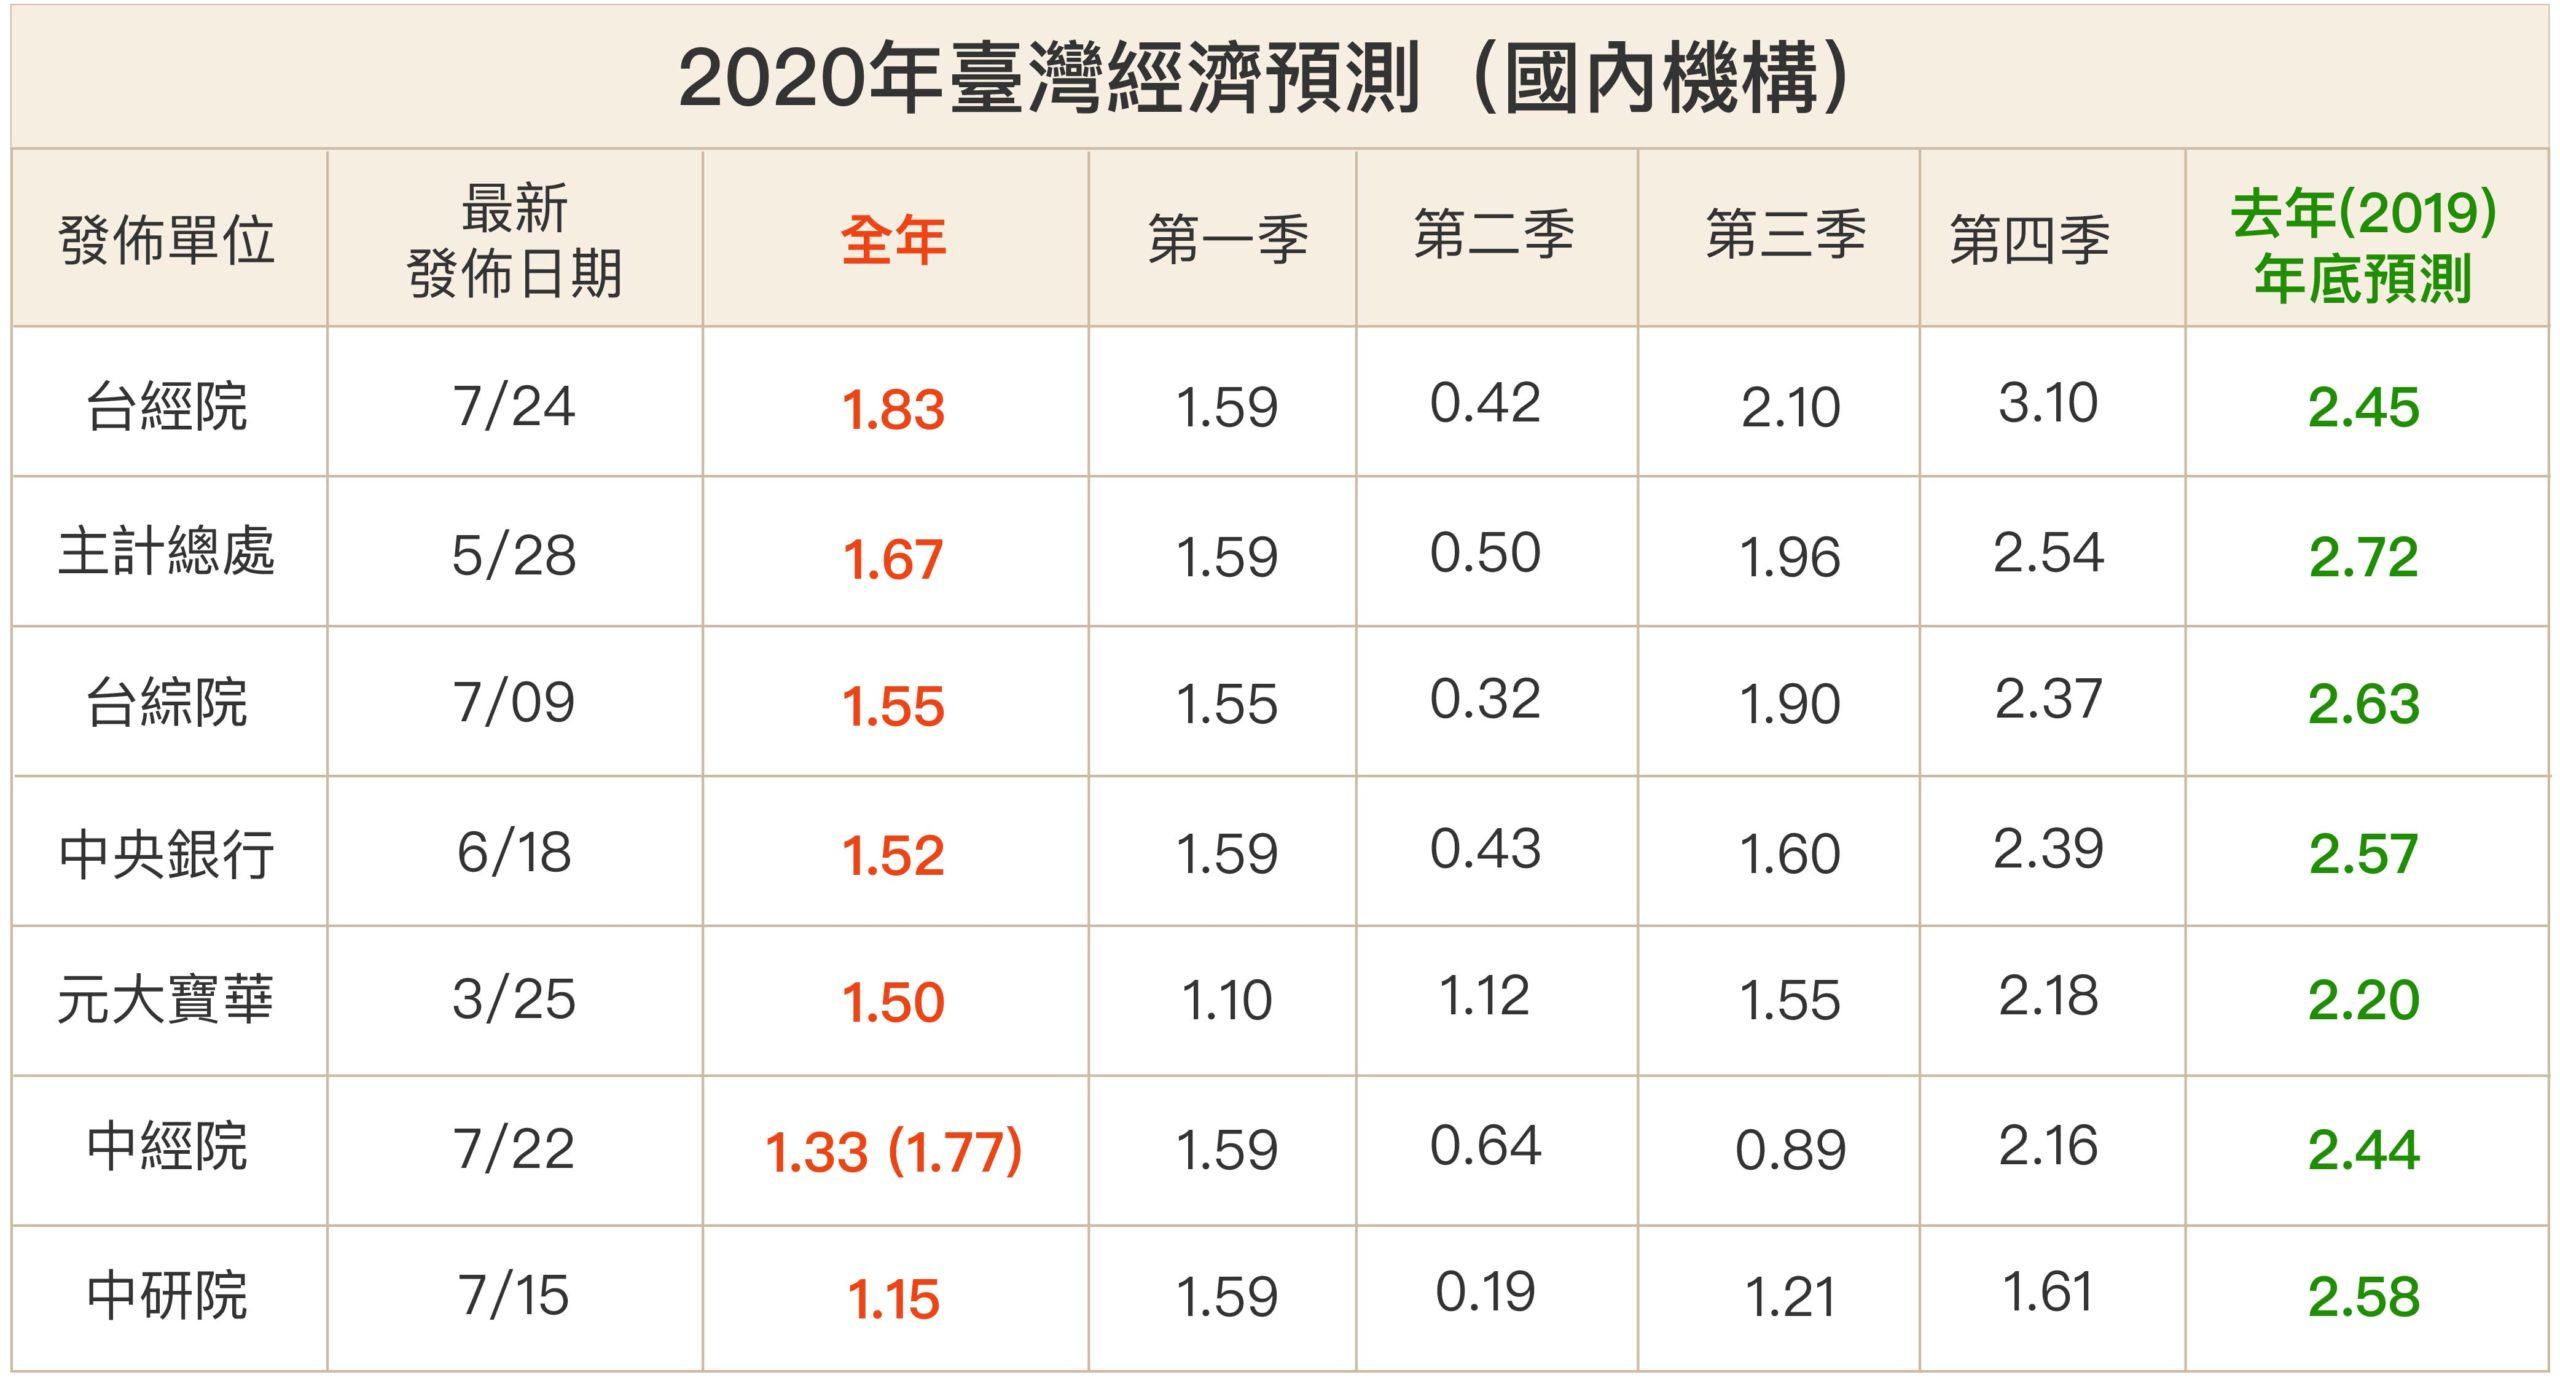 2020 年對台灣的經濟預測非常分歧,國內預測都在 1% 以上;外國數據幾乎都不到 1%,最差是 -4%,原因可能是資訊不對稱,外國預測單位對台商回流、振興政策等影響效果的掌握較不足。圖│研之有物(資料來源:周雨田提供)